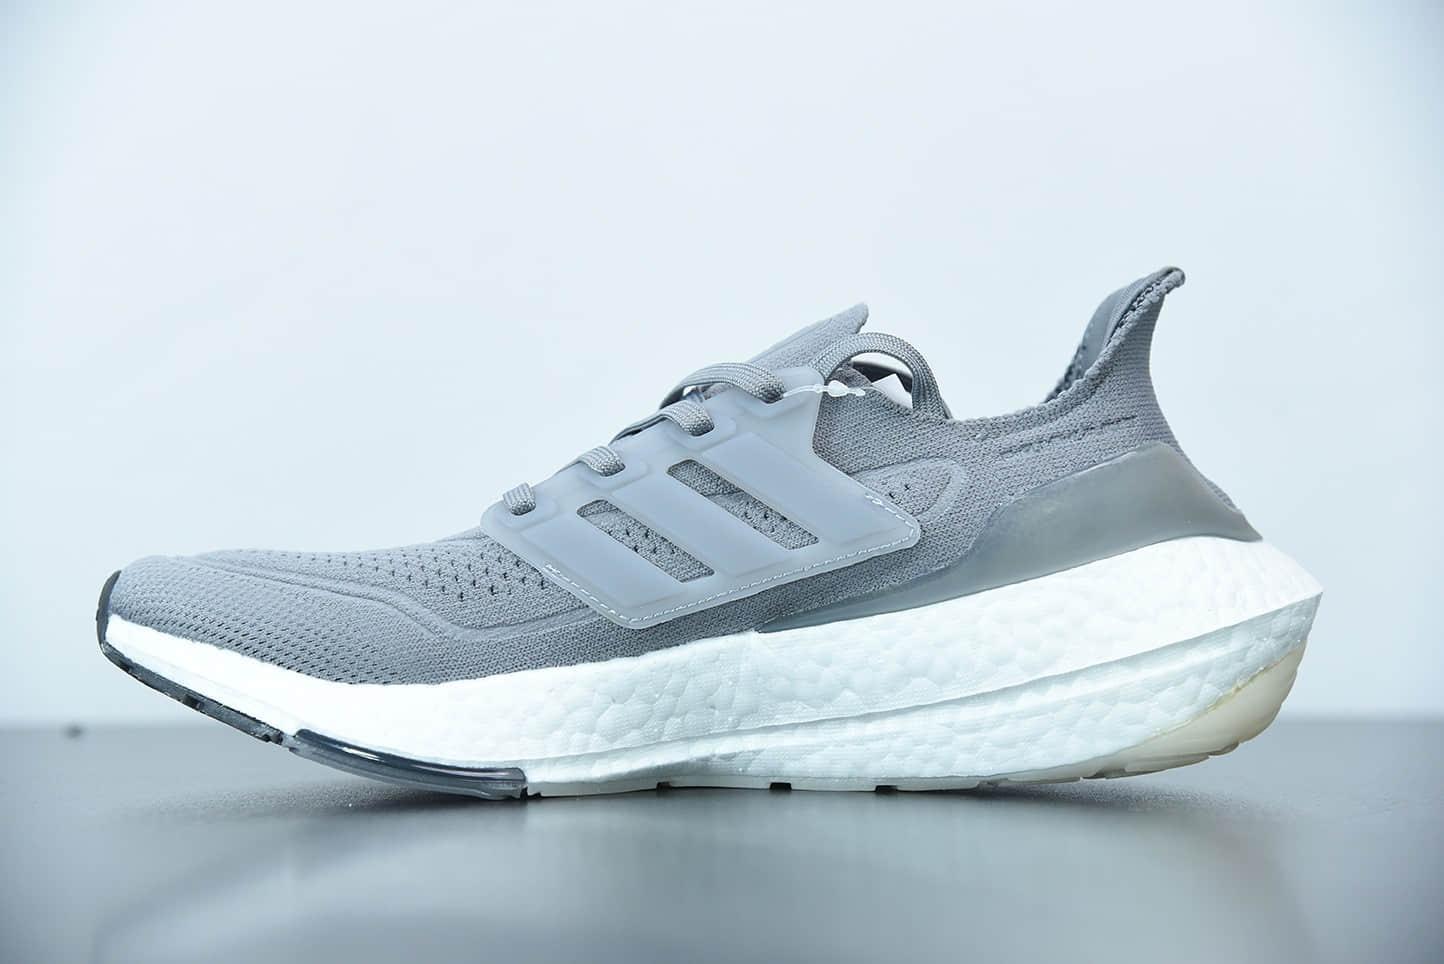 阿迪达斯 Adidas ultra boost 2021系列灰色配色袜套式针织鞋面休闲运动慢跑鞋纯原版本 货号:FY0381